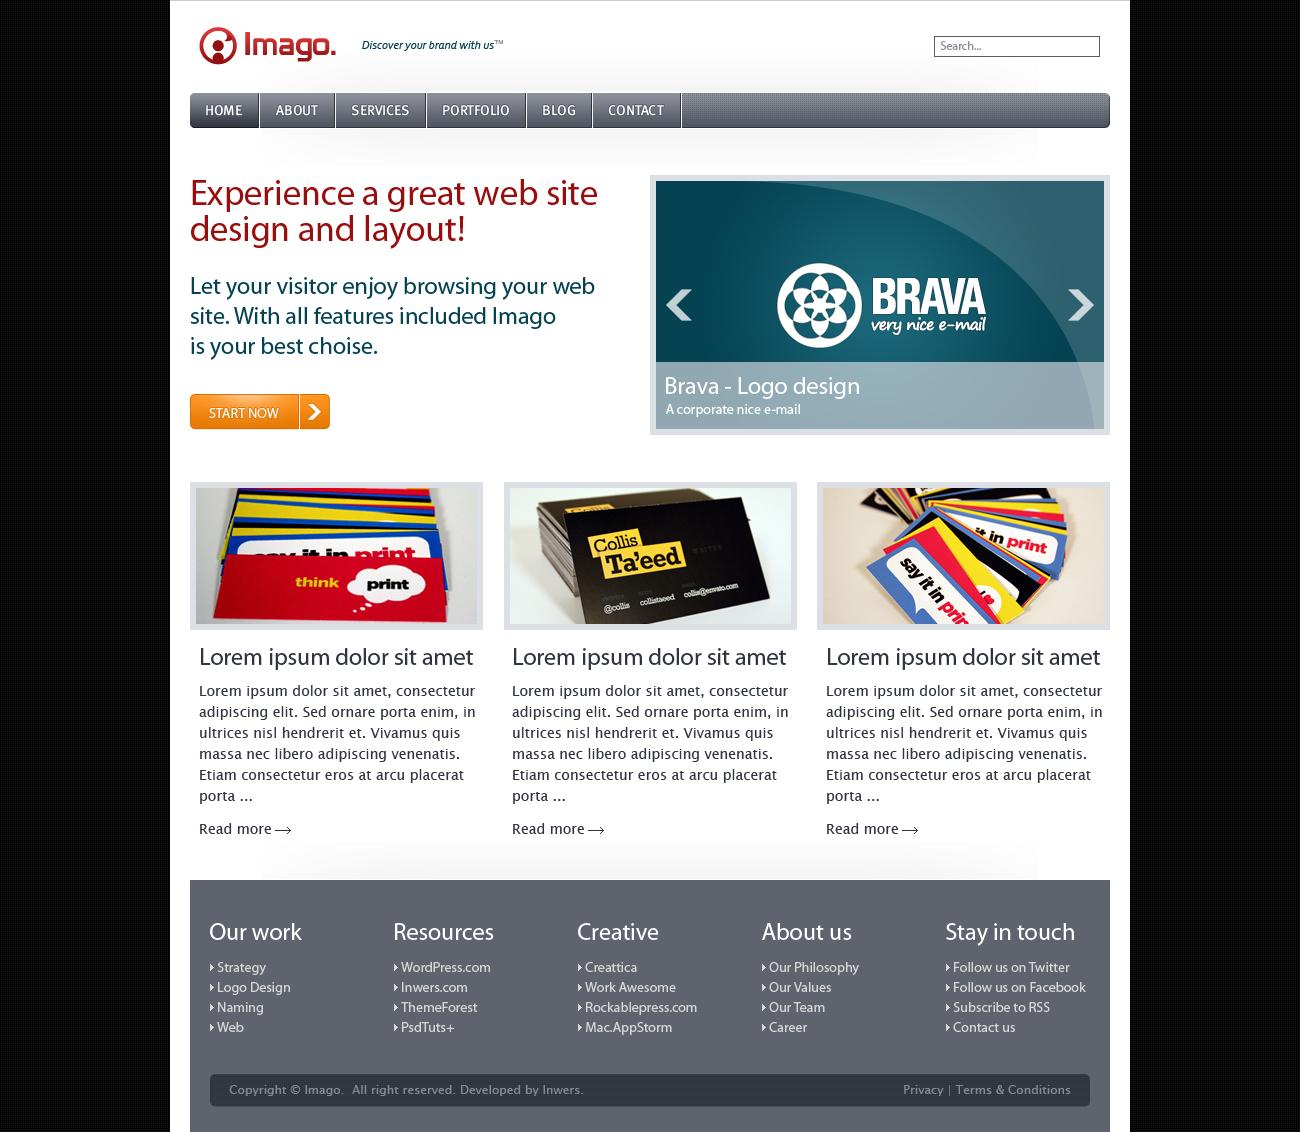 Imago - Business and Portfolio Template - 1_imago_home_vers_2